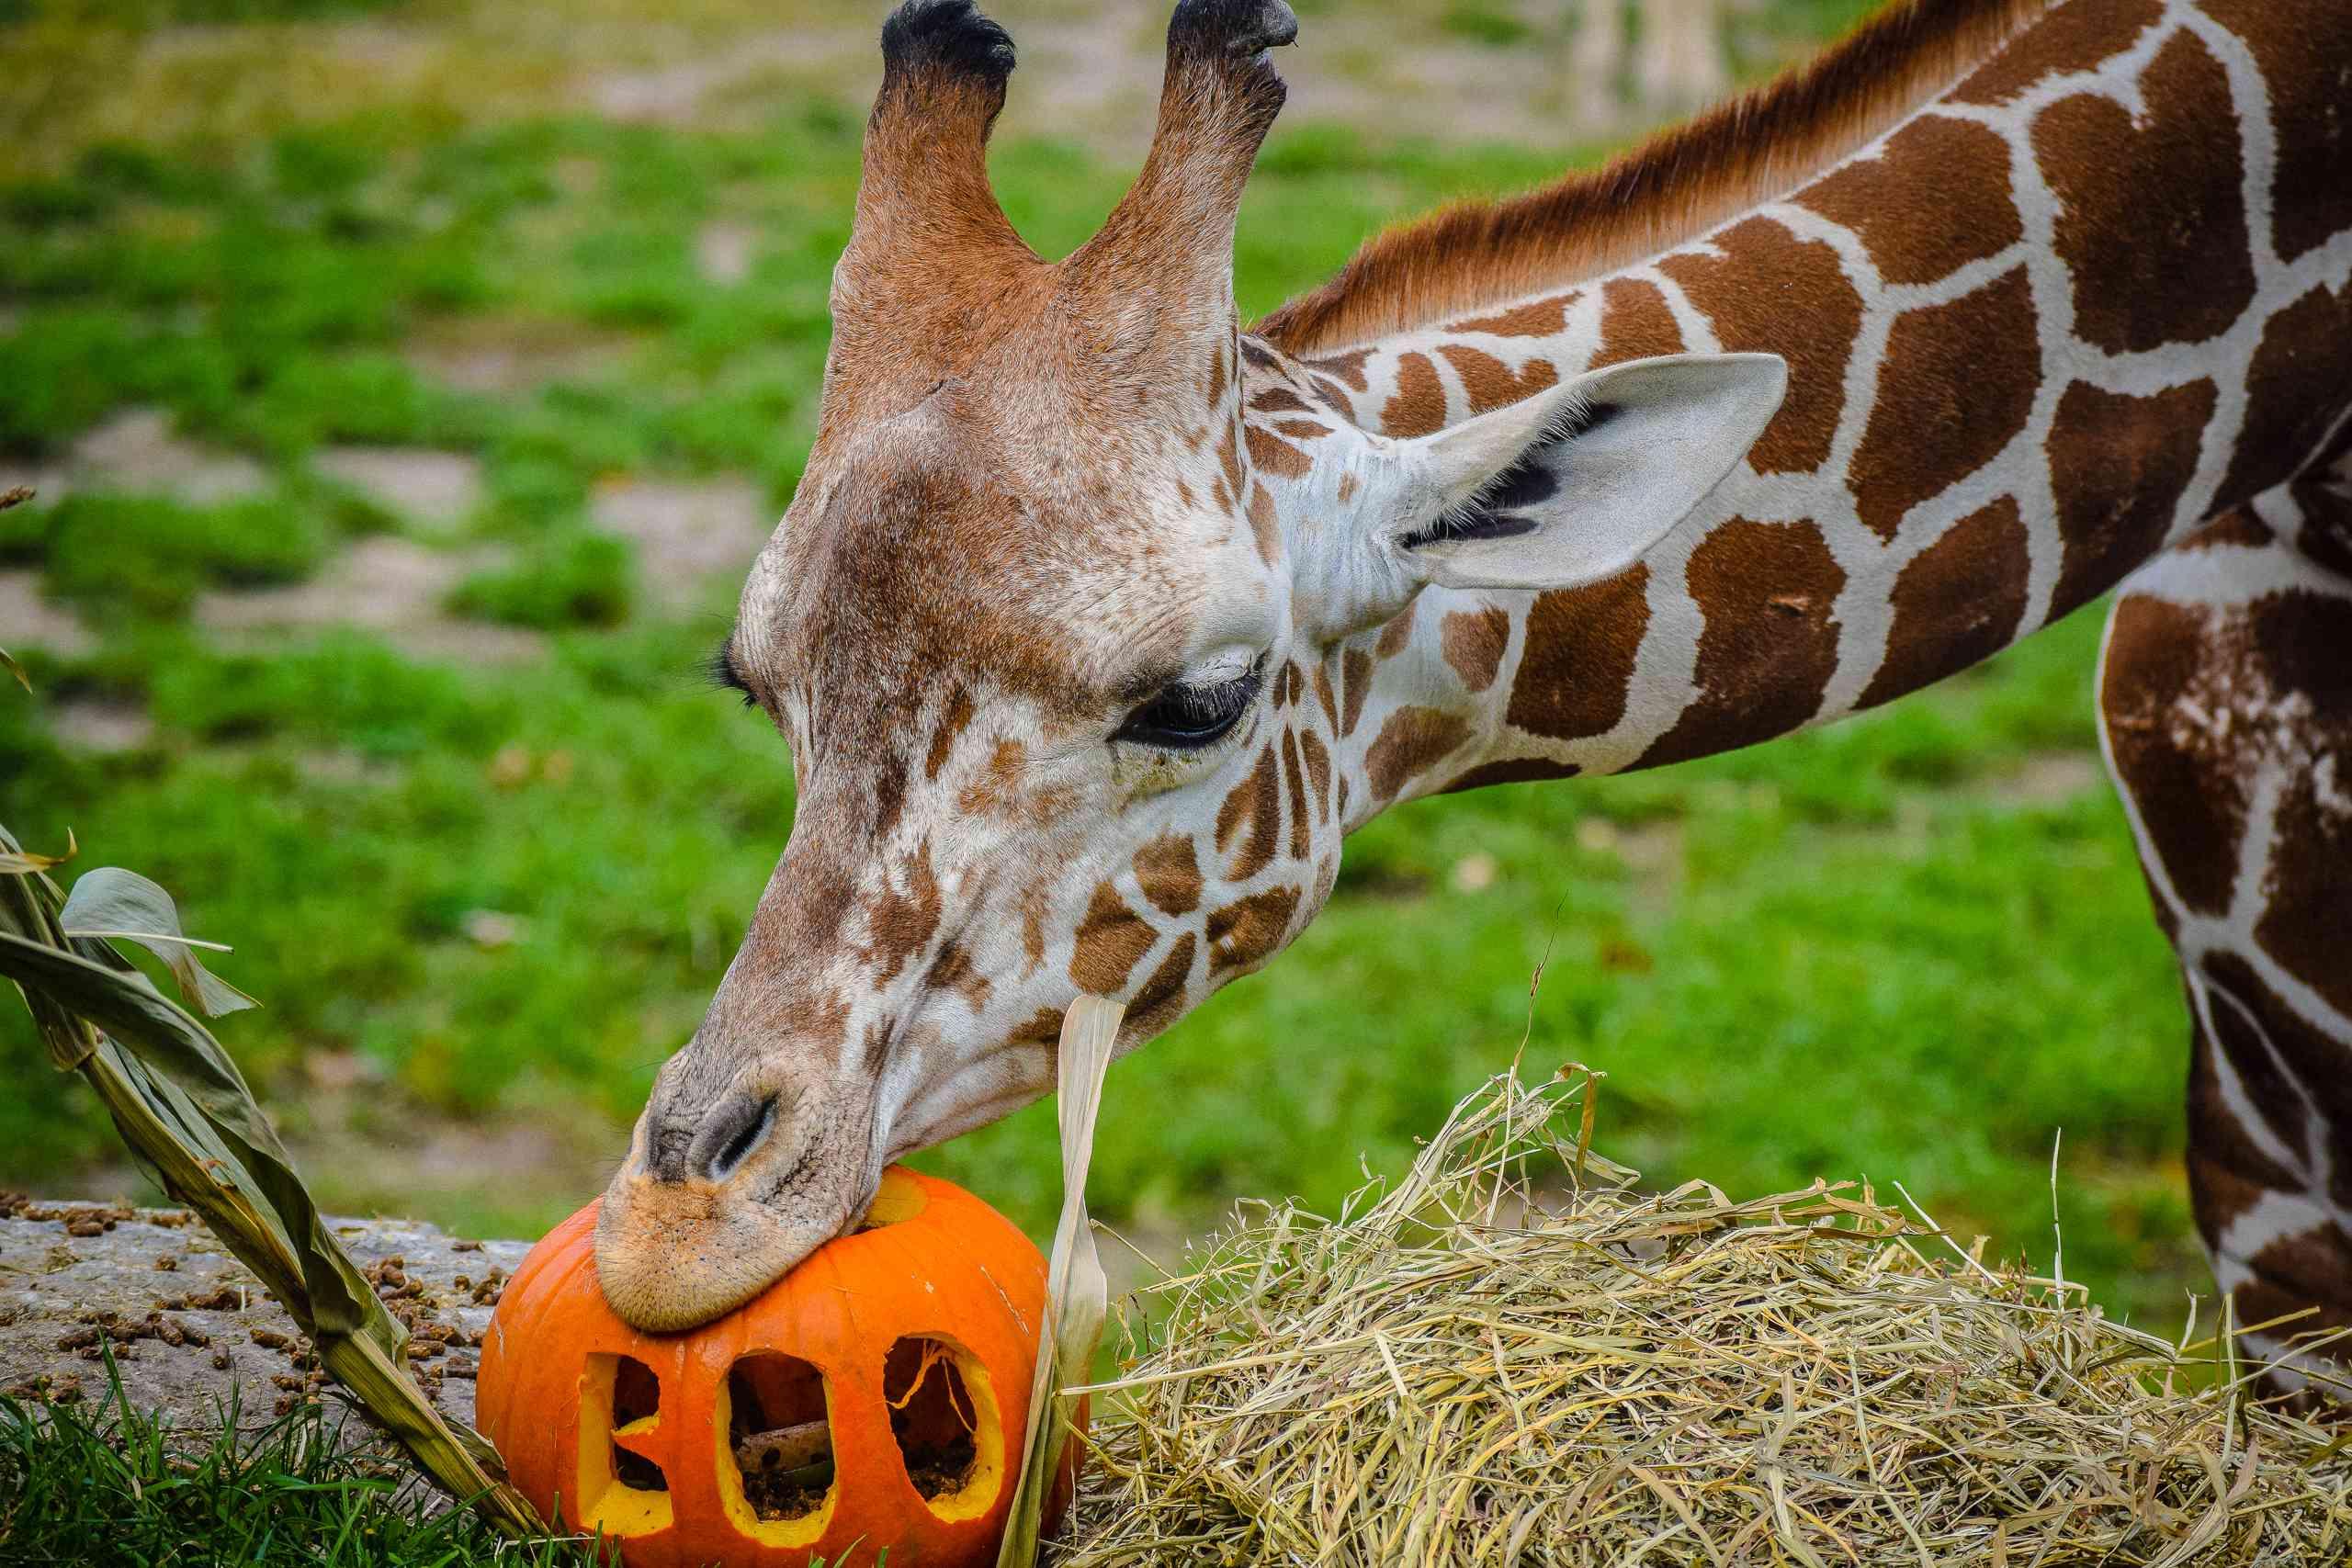 Close-Up Of Giraffe Eating Pumpkin